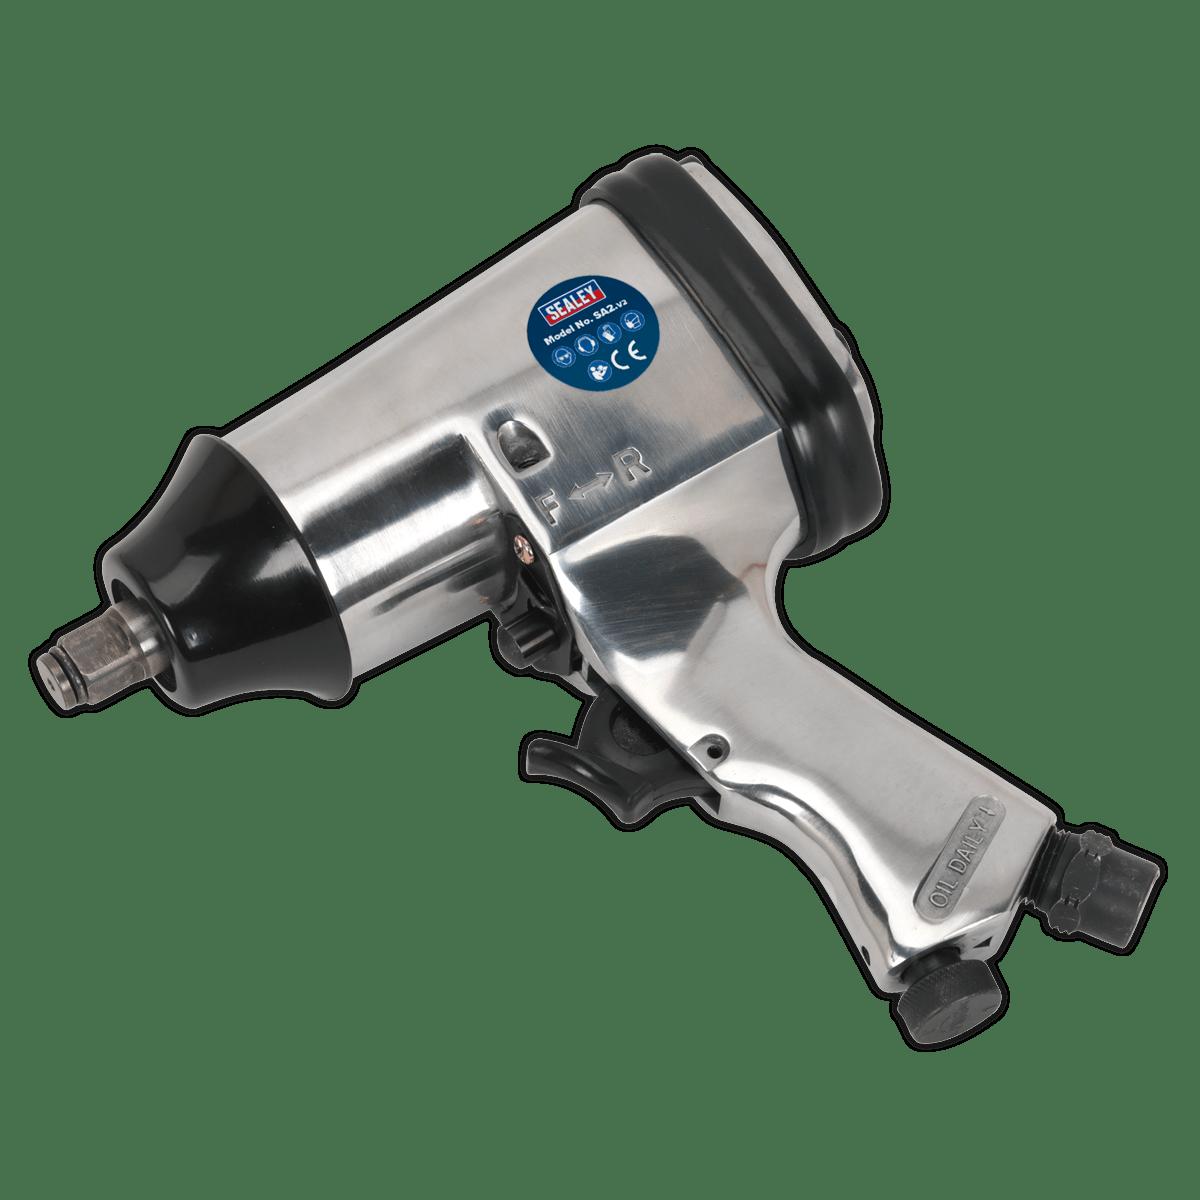 """Sealey Air Impact Wrench 1/2""""Sq Drive SA2"""